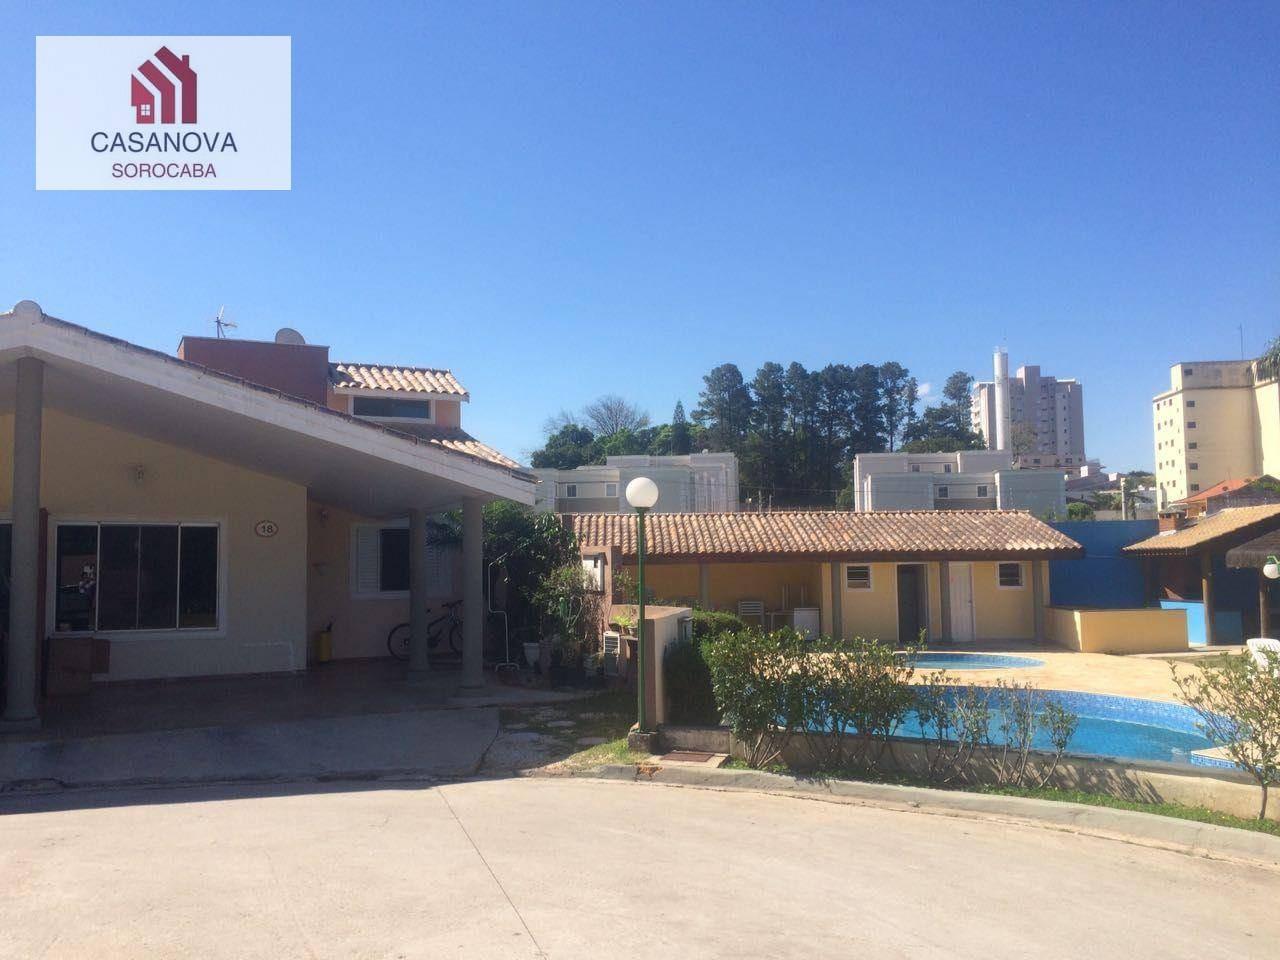 https://static.arboimoveis.com.br/VL0002_CNOVA/village-com-dormitorios-a-venda-m-por-r-jardim-guadalajara-sorocabasp1626851528379cuphe.jpg